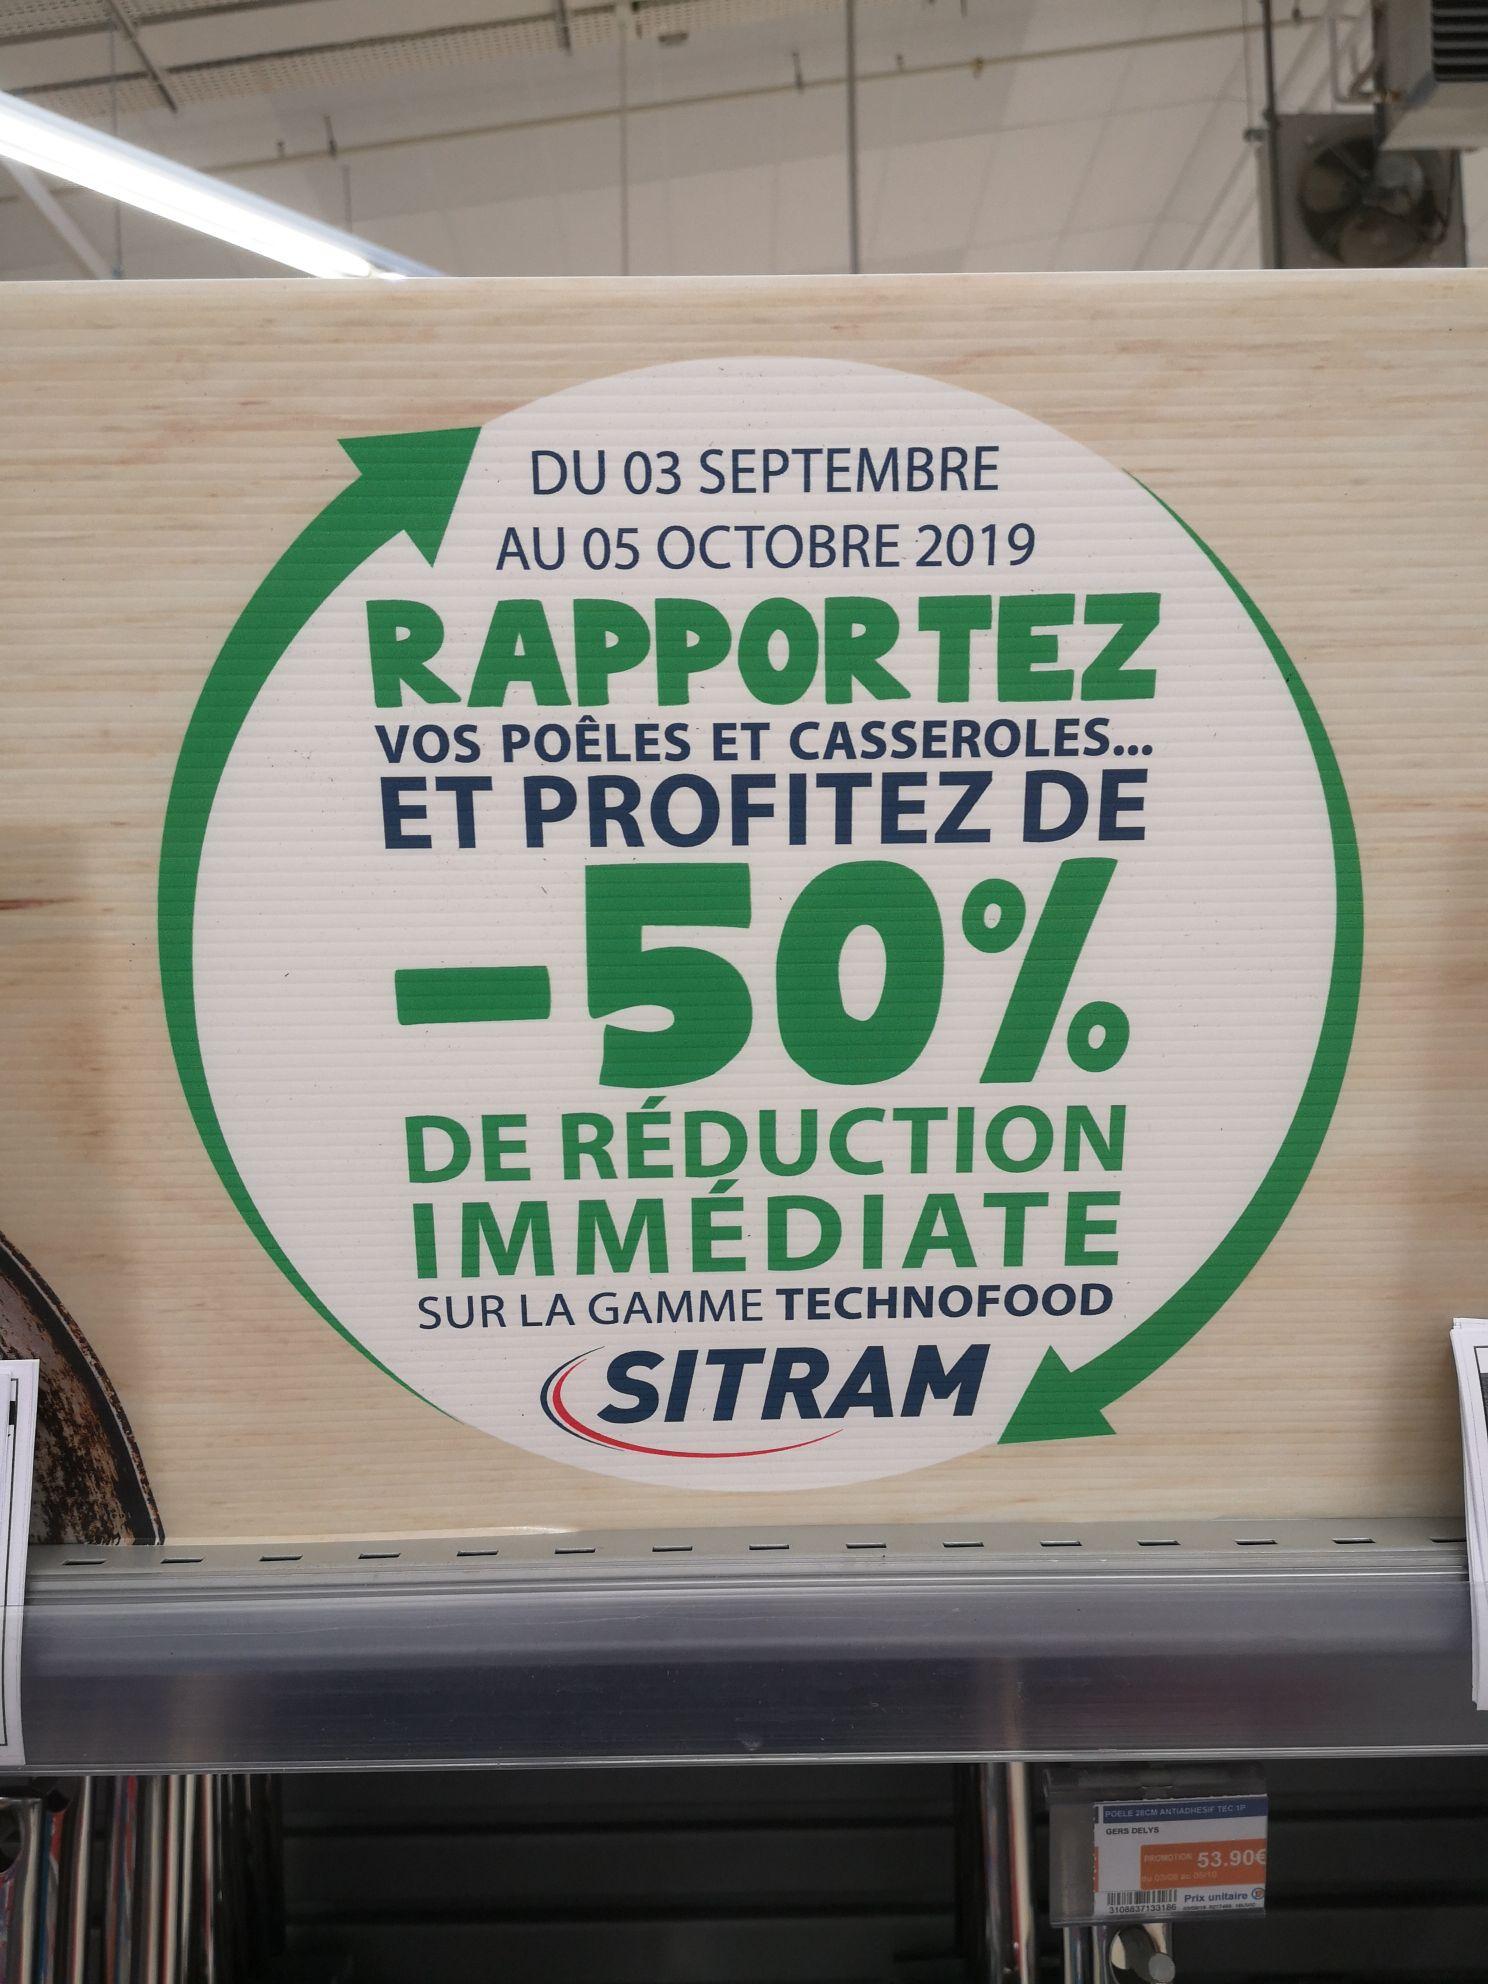 50% de réduction sur la gamme Technofood Sitram (en ramenant vos anciennes poêles et casseroles)